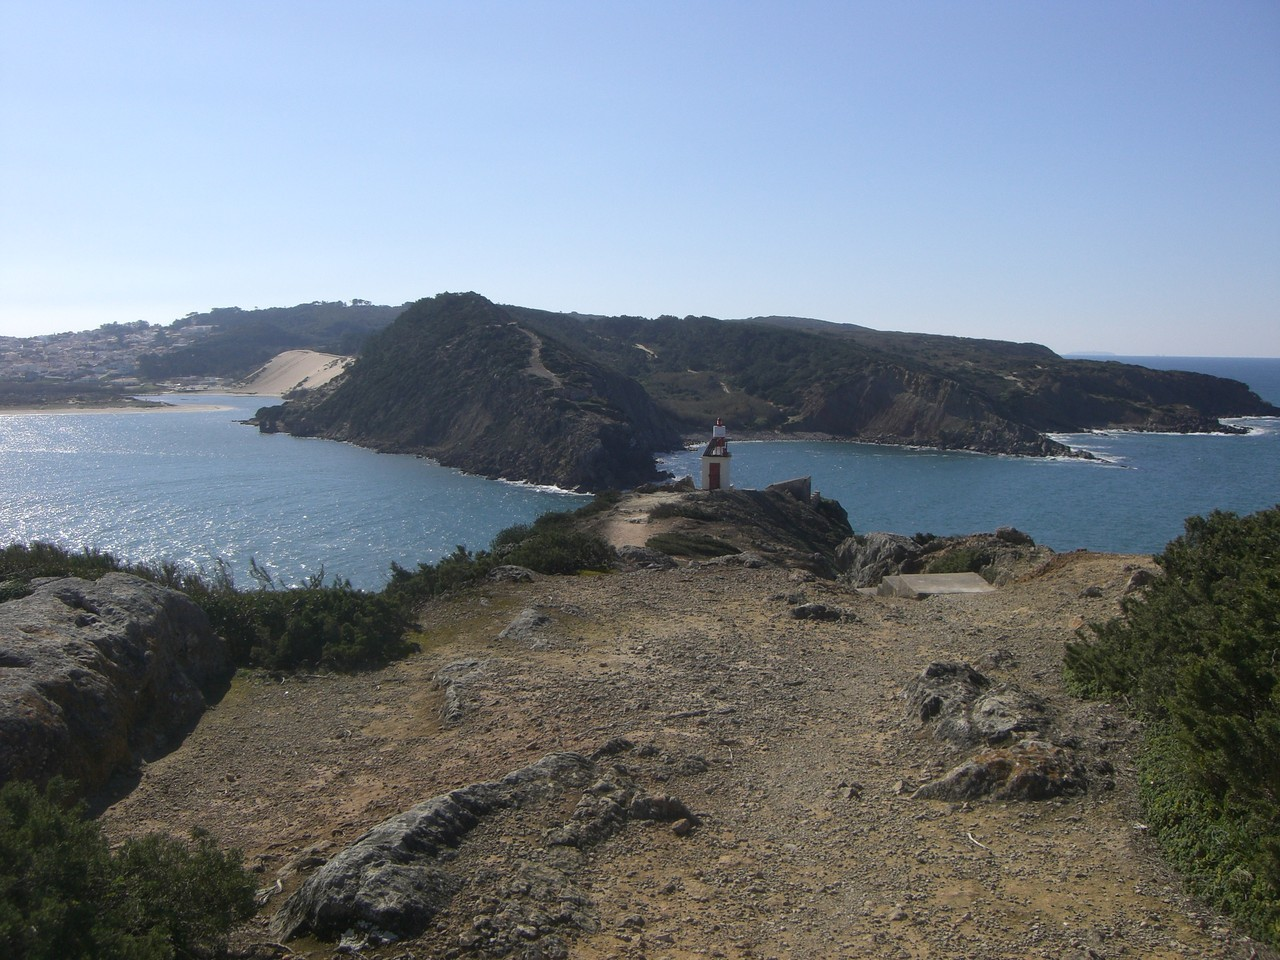 Die Meerenge, die die ruhige Bucht von Sao Martinho do Porto vom Atlantik trennt